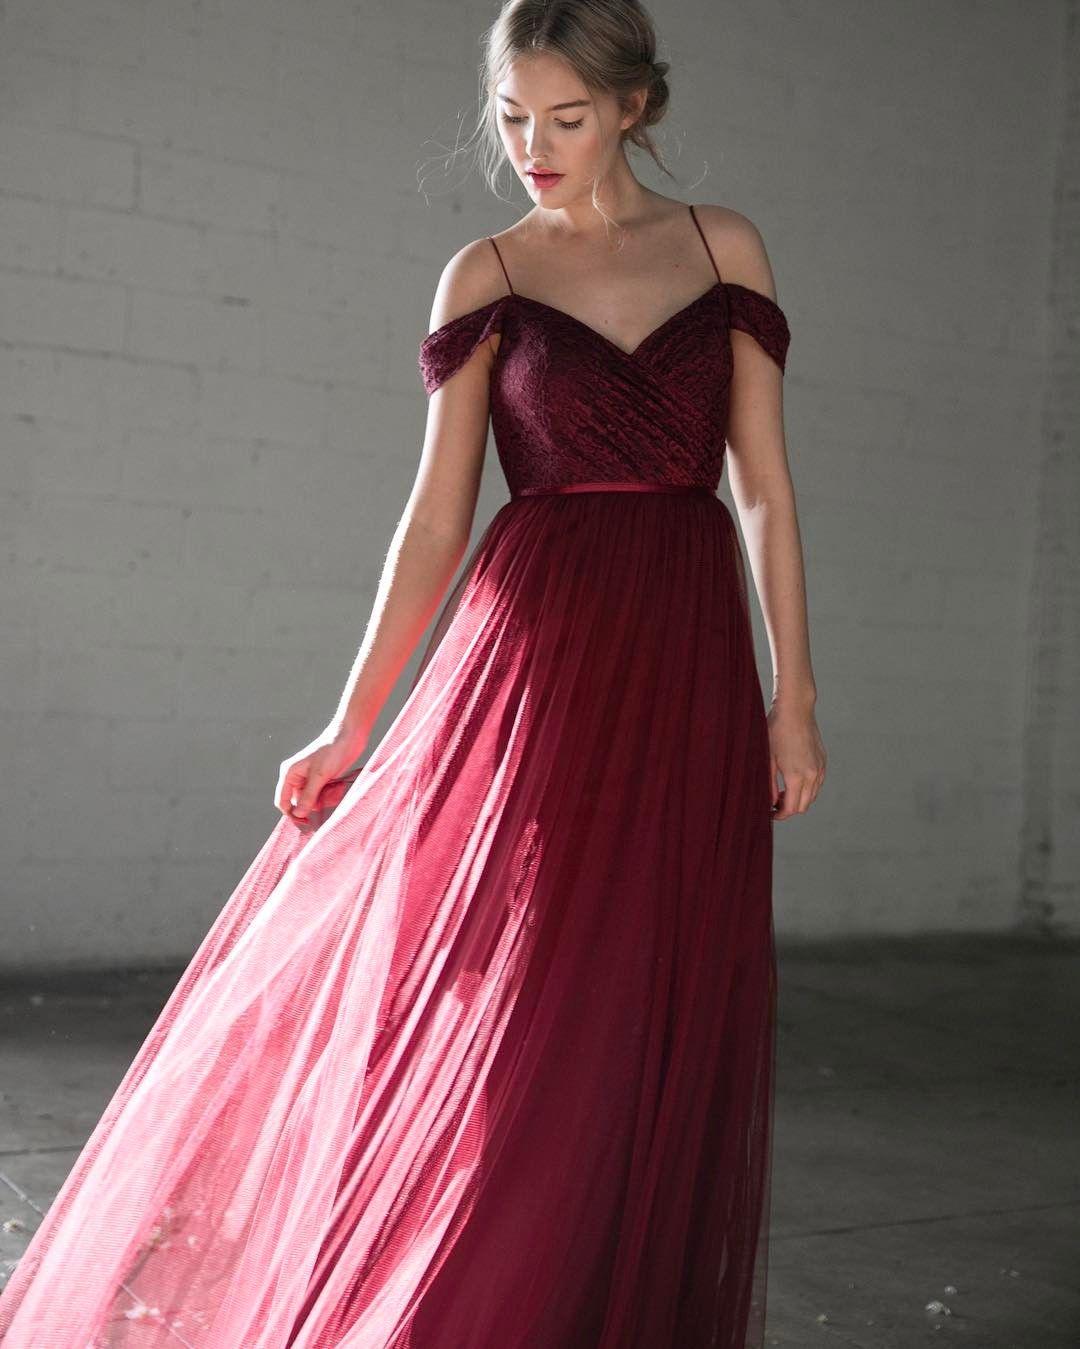 burgundy bridesmaid dresses with off shoulder design